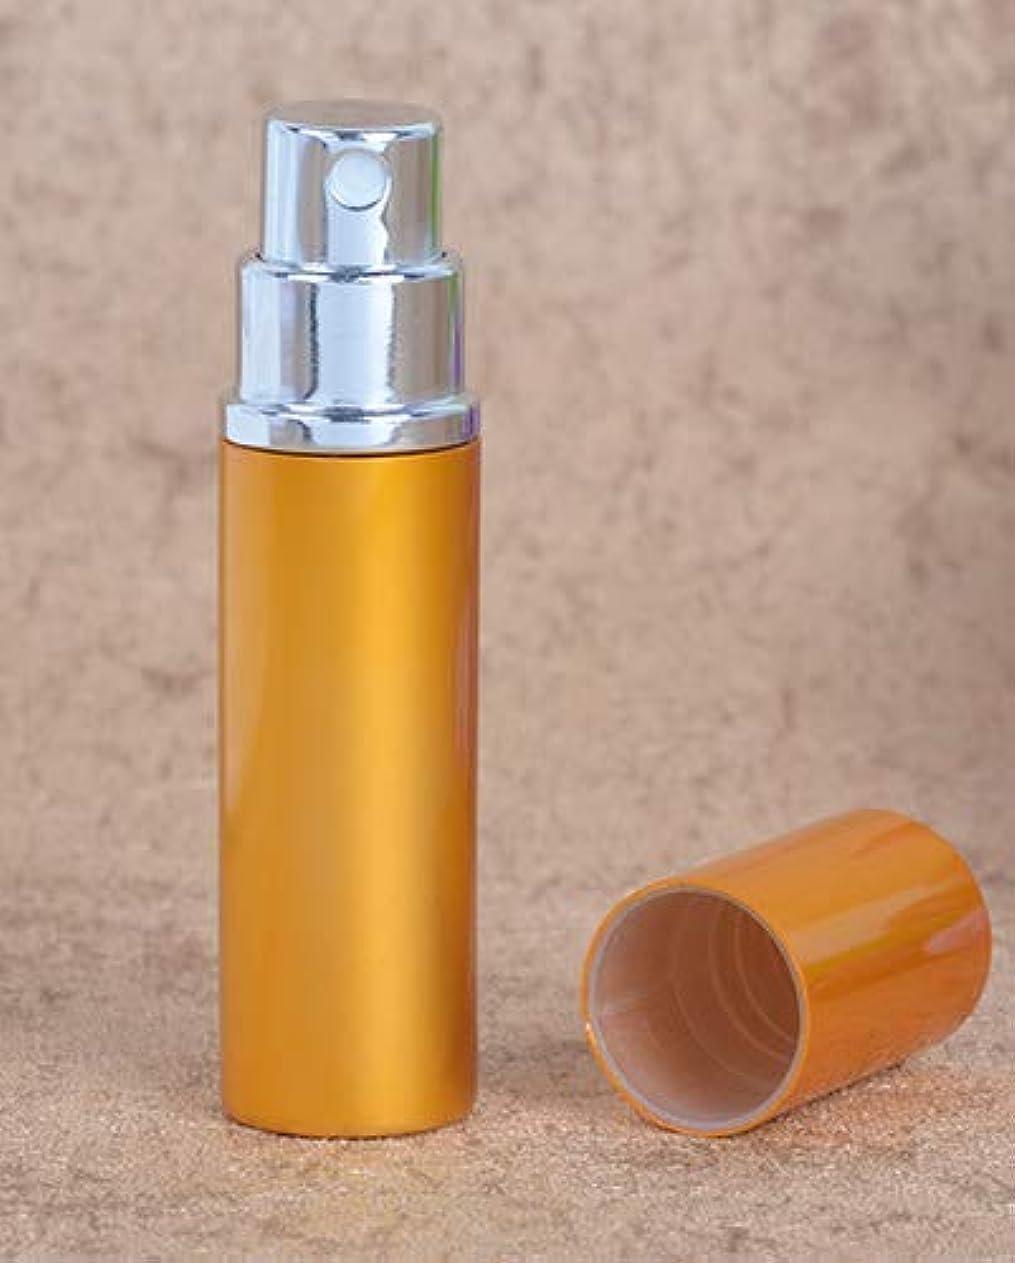 ベギンピザアスペクトアトマイザー 香水 メンズ 女性用 5ml アトマイザ? 詰め替え ポータブル クイック 香水噴霧器 携帯用 ワンタッチ補充 詰め替え容器